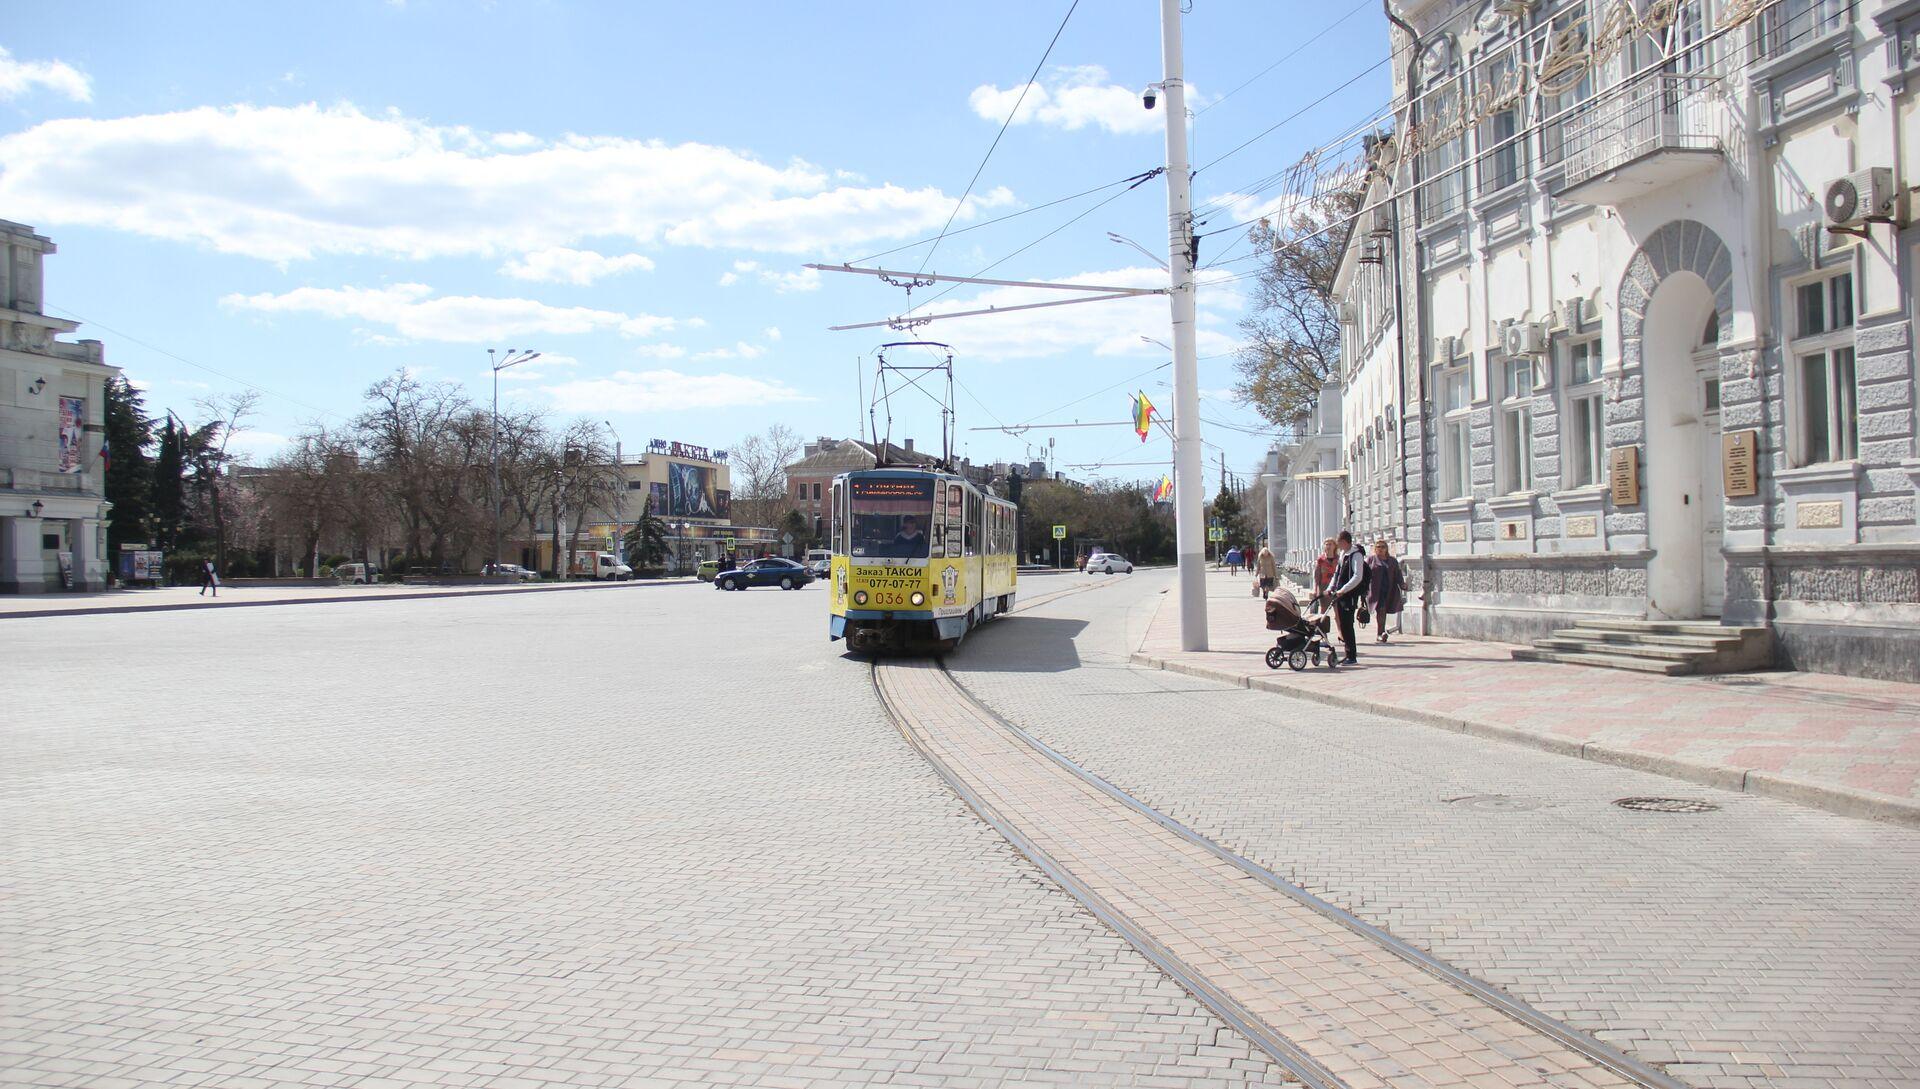 Евпатория. Площадь перед зданием администрации города, 03.04.2019 г. - РИА Новости, 1920, 21.04.2021